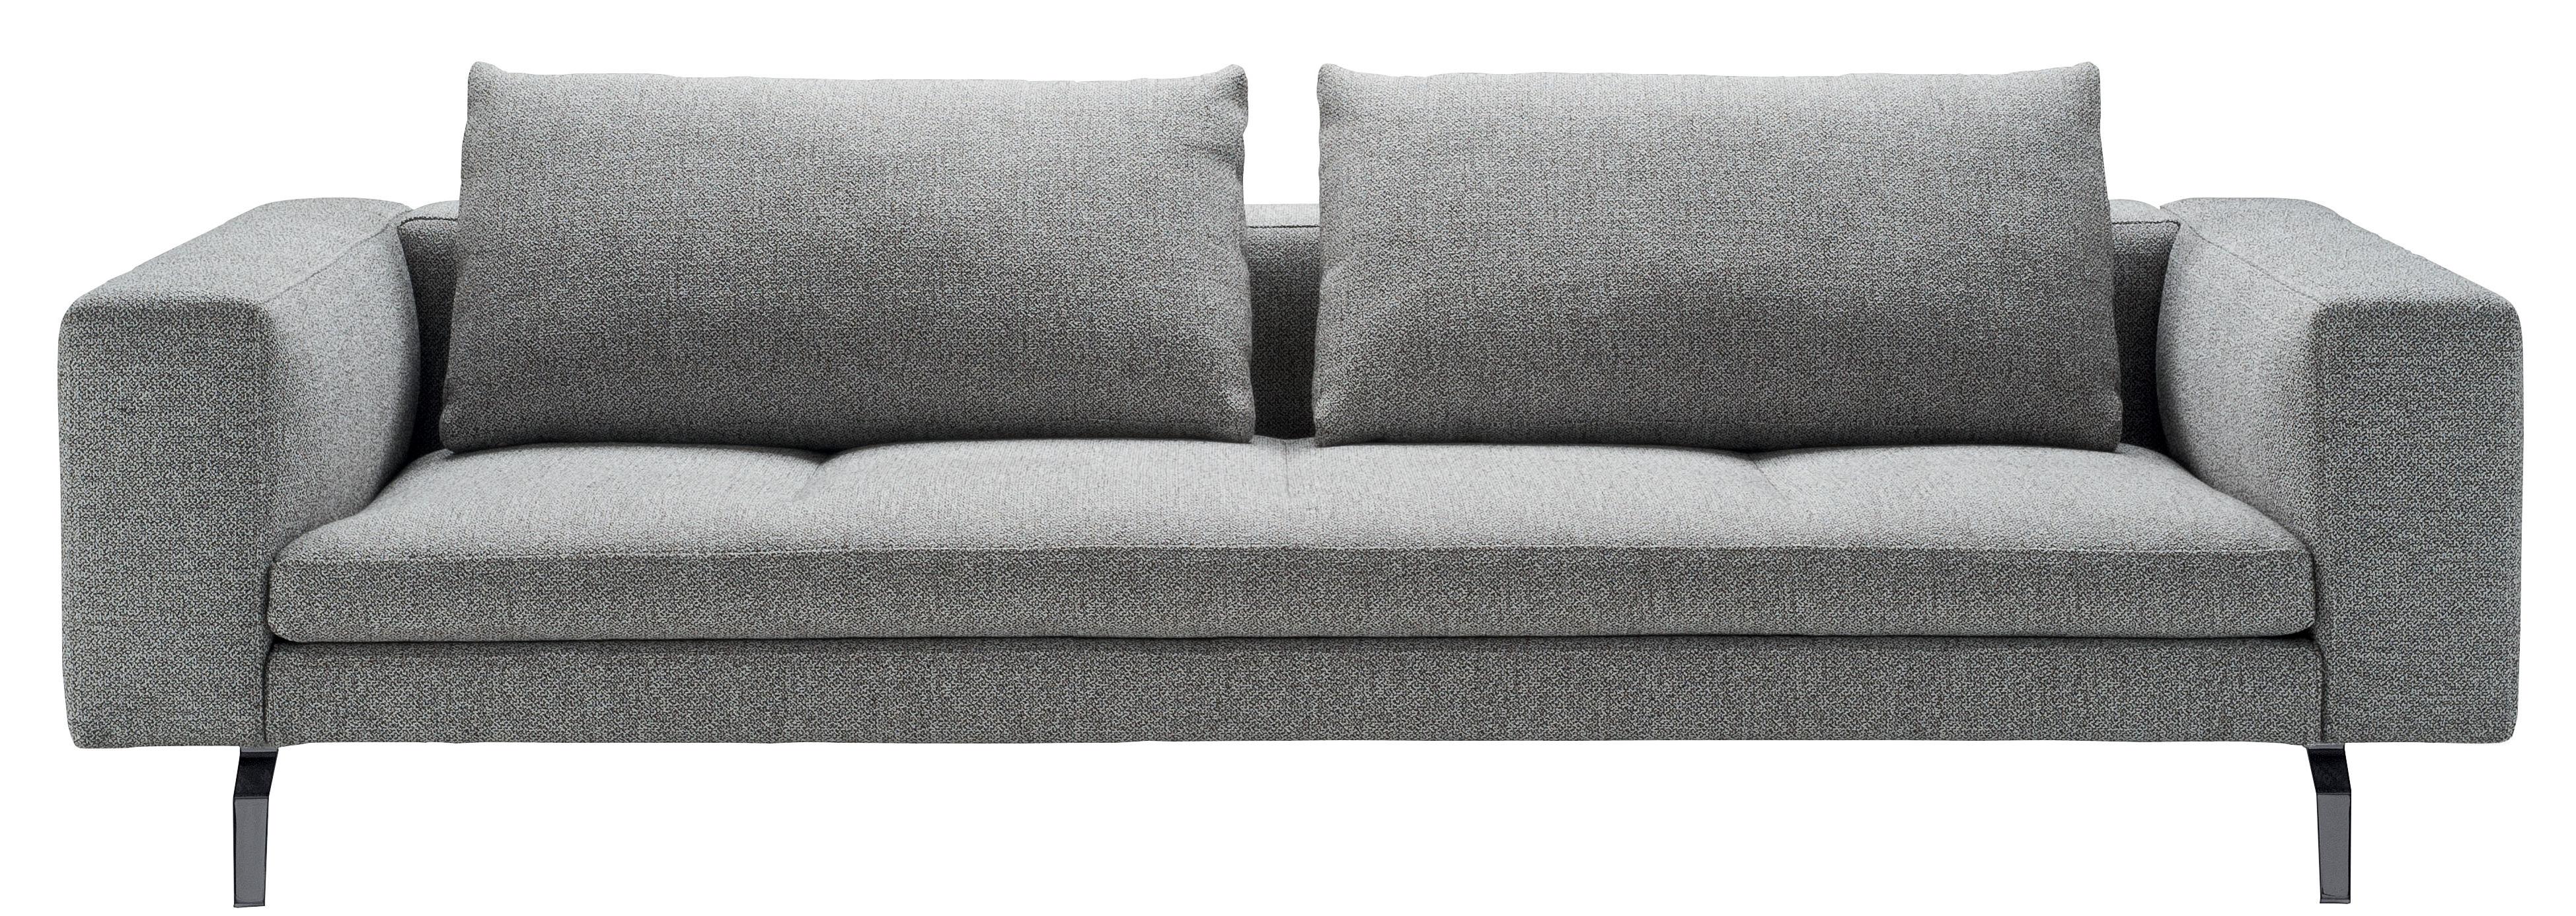 Arredamento - Divani moderni - Divano destro Bruce - / L 208 cm di Zanotta - Grigio - Alluminio, Tessuto